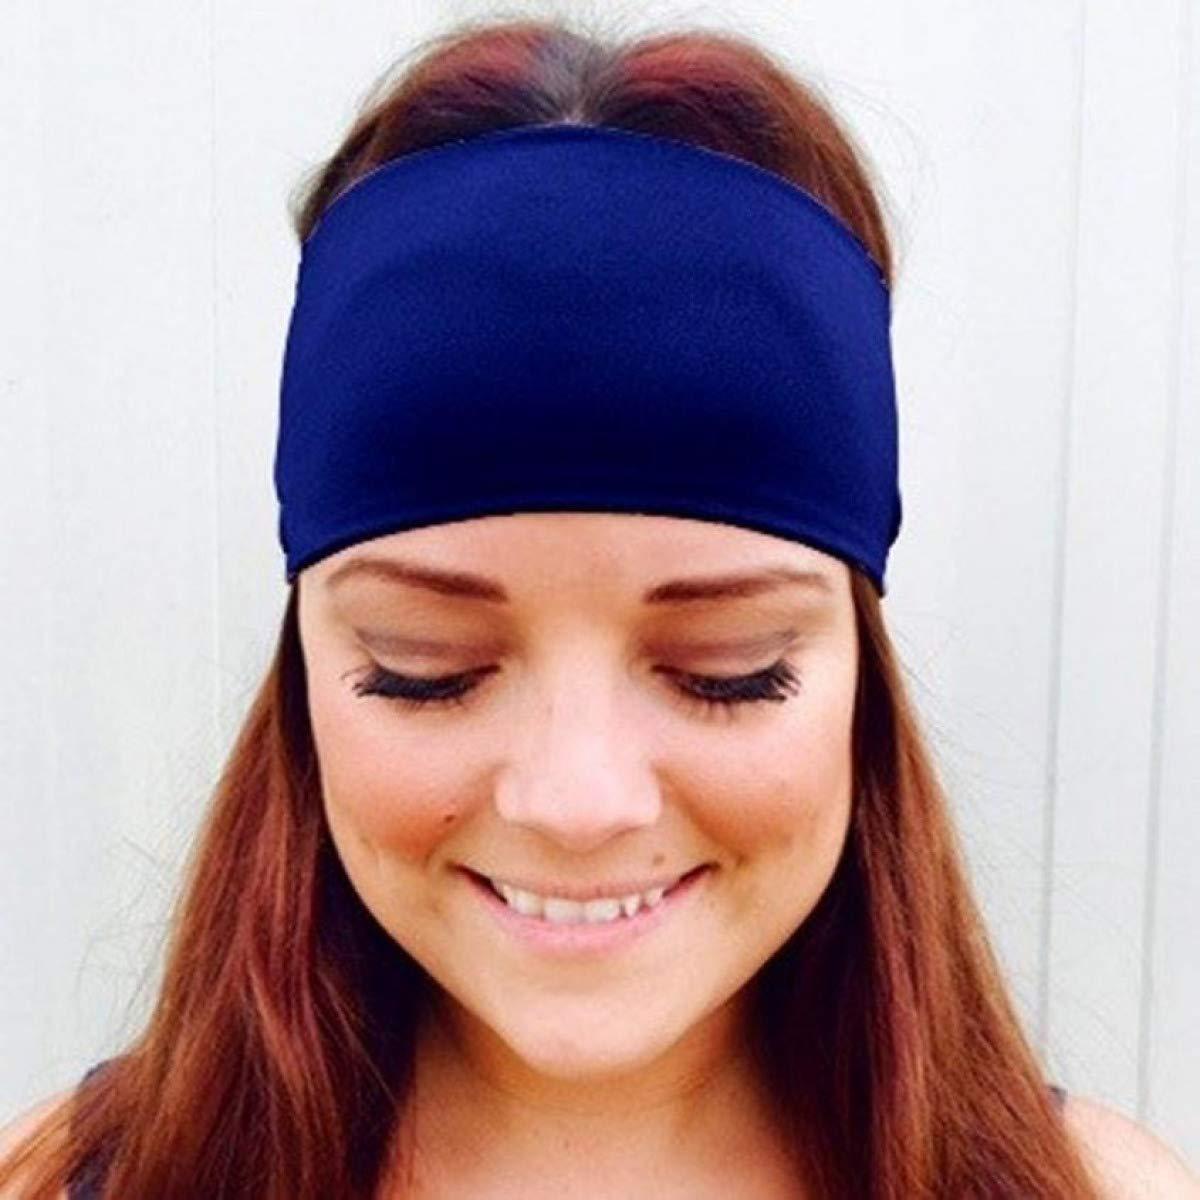 Amazon.com : Ladies Sports Wide Yoga Sweatband Gym Stretch ...